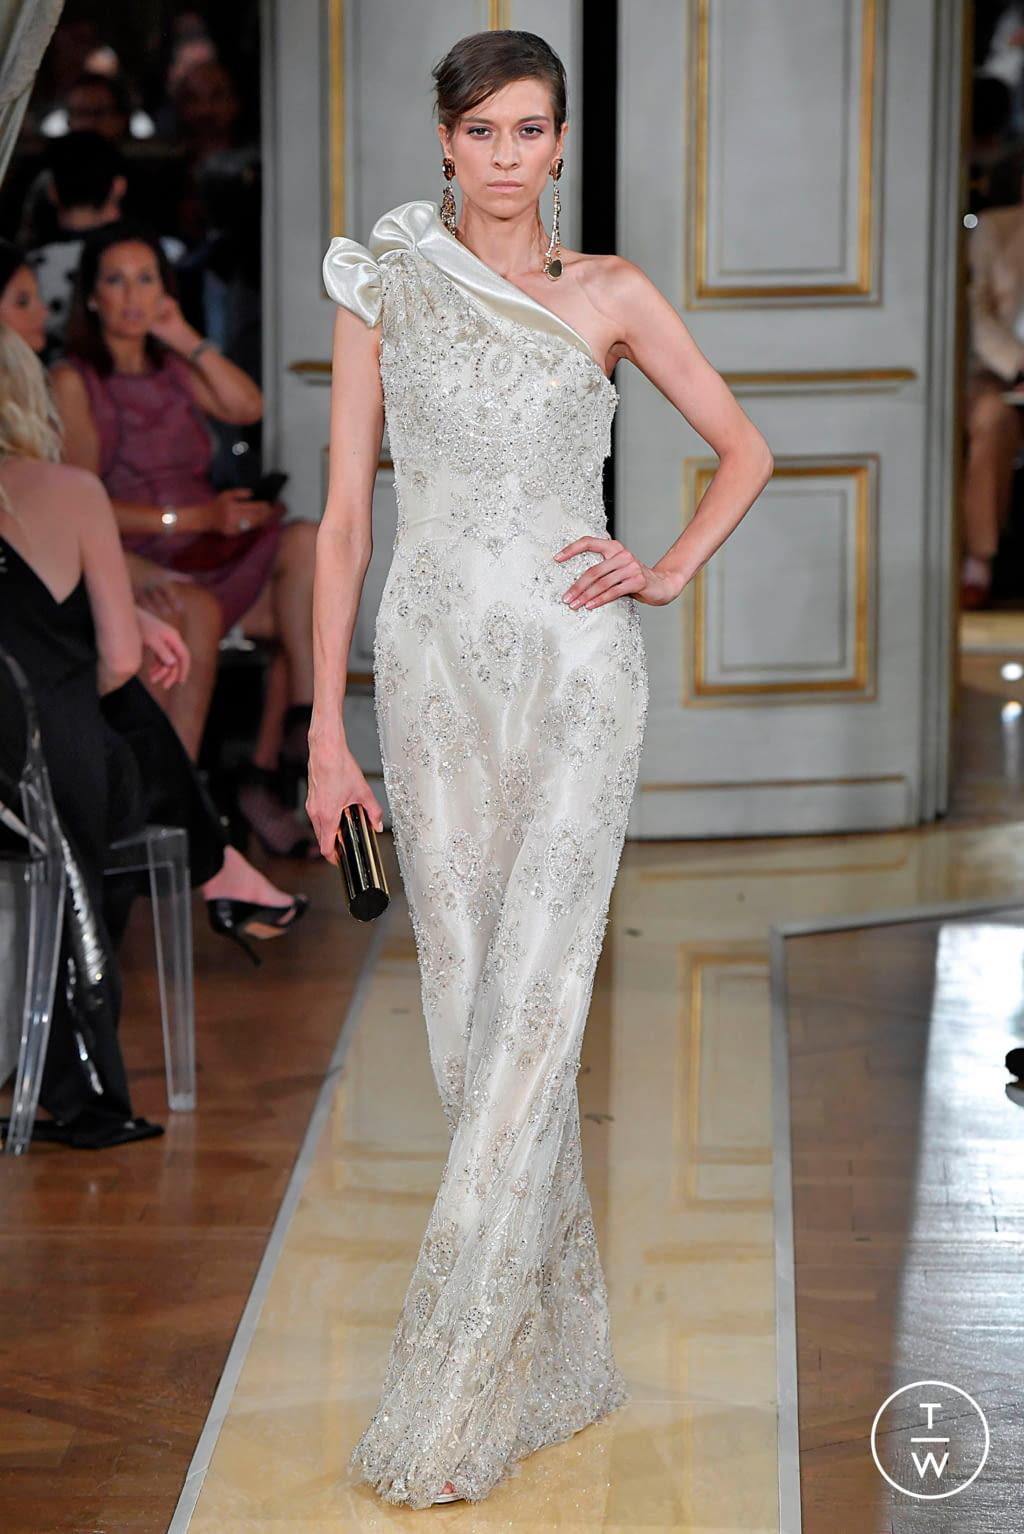 Giorgio Armani Prive F W 18 Couture 93 The Fashion Search